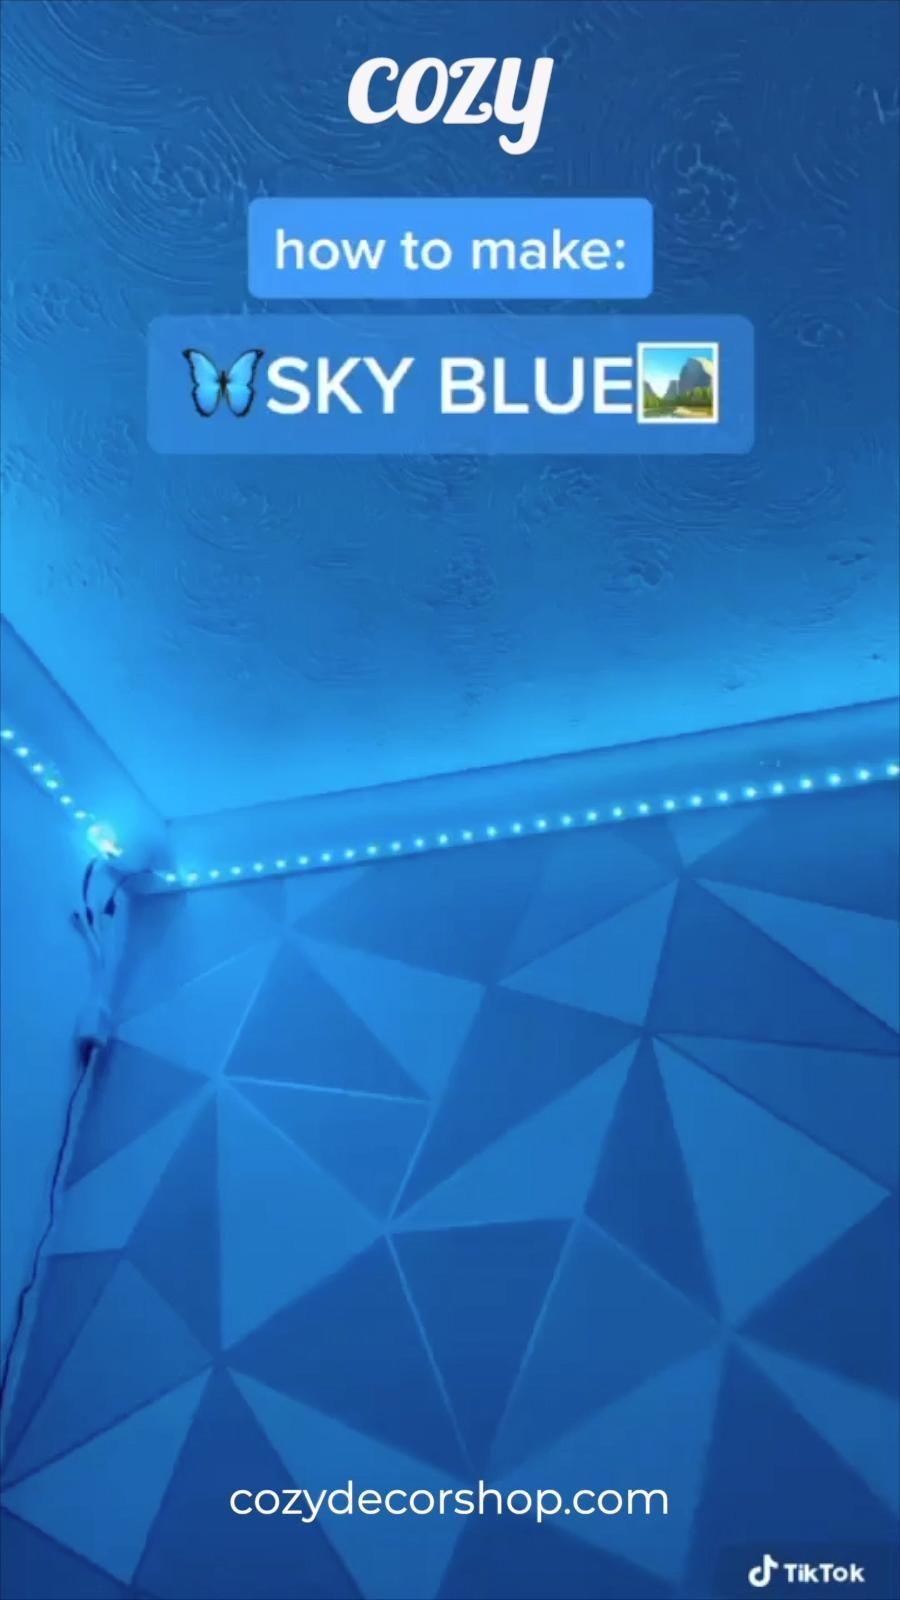 How To Make Sky Blue Led Tiktok Lights How To Make Sky Blue Led Tiktok Lights Get Your Led Strip Led Lighting Bedroom Led Room Lighting Led Lighting Diy